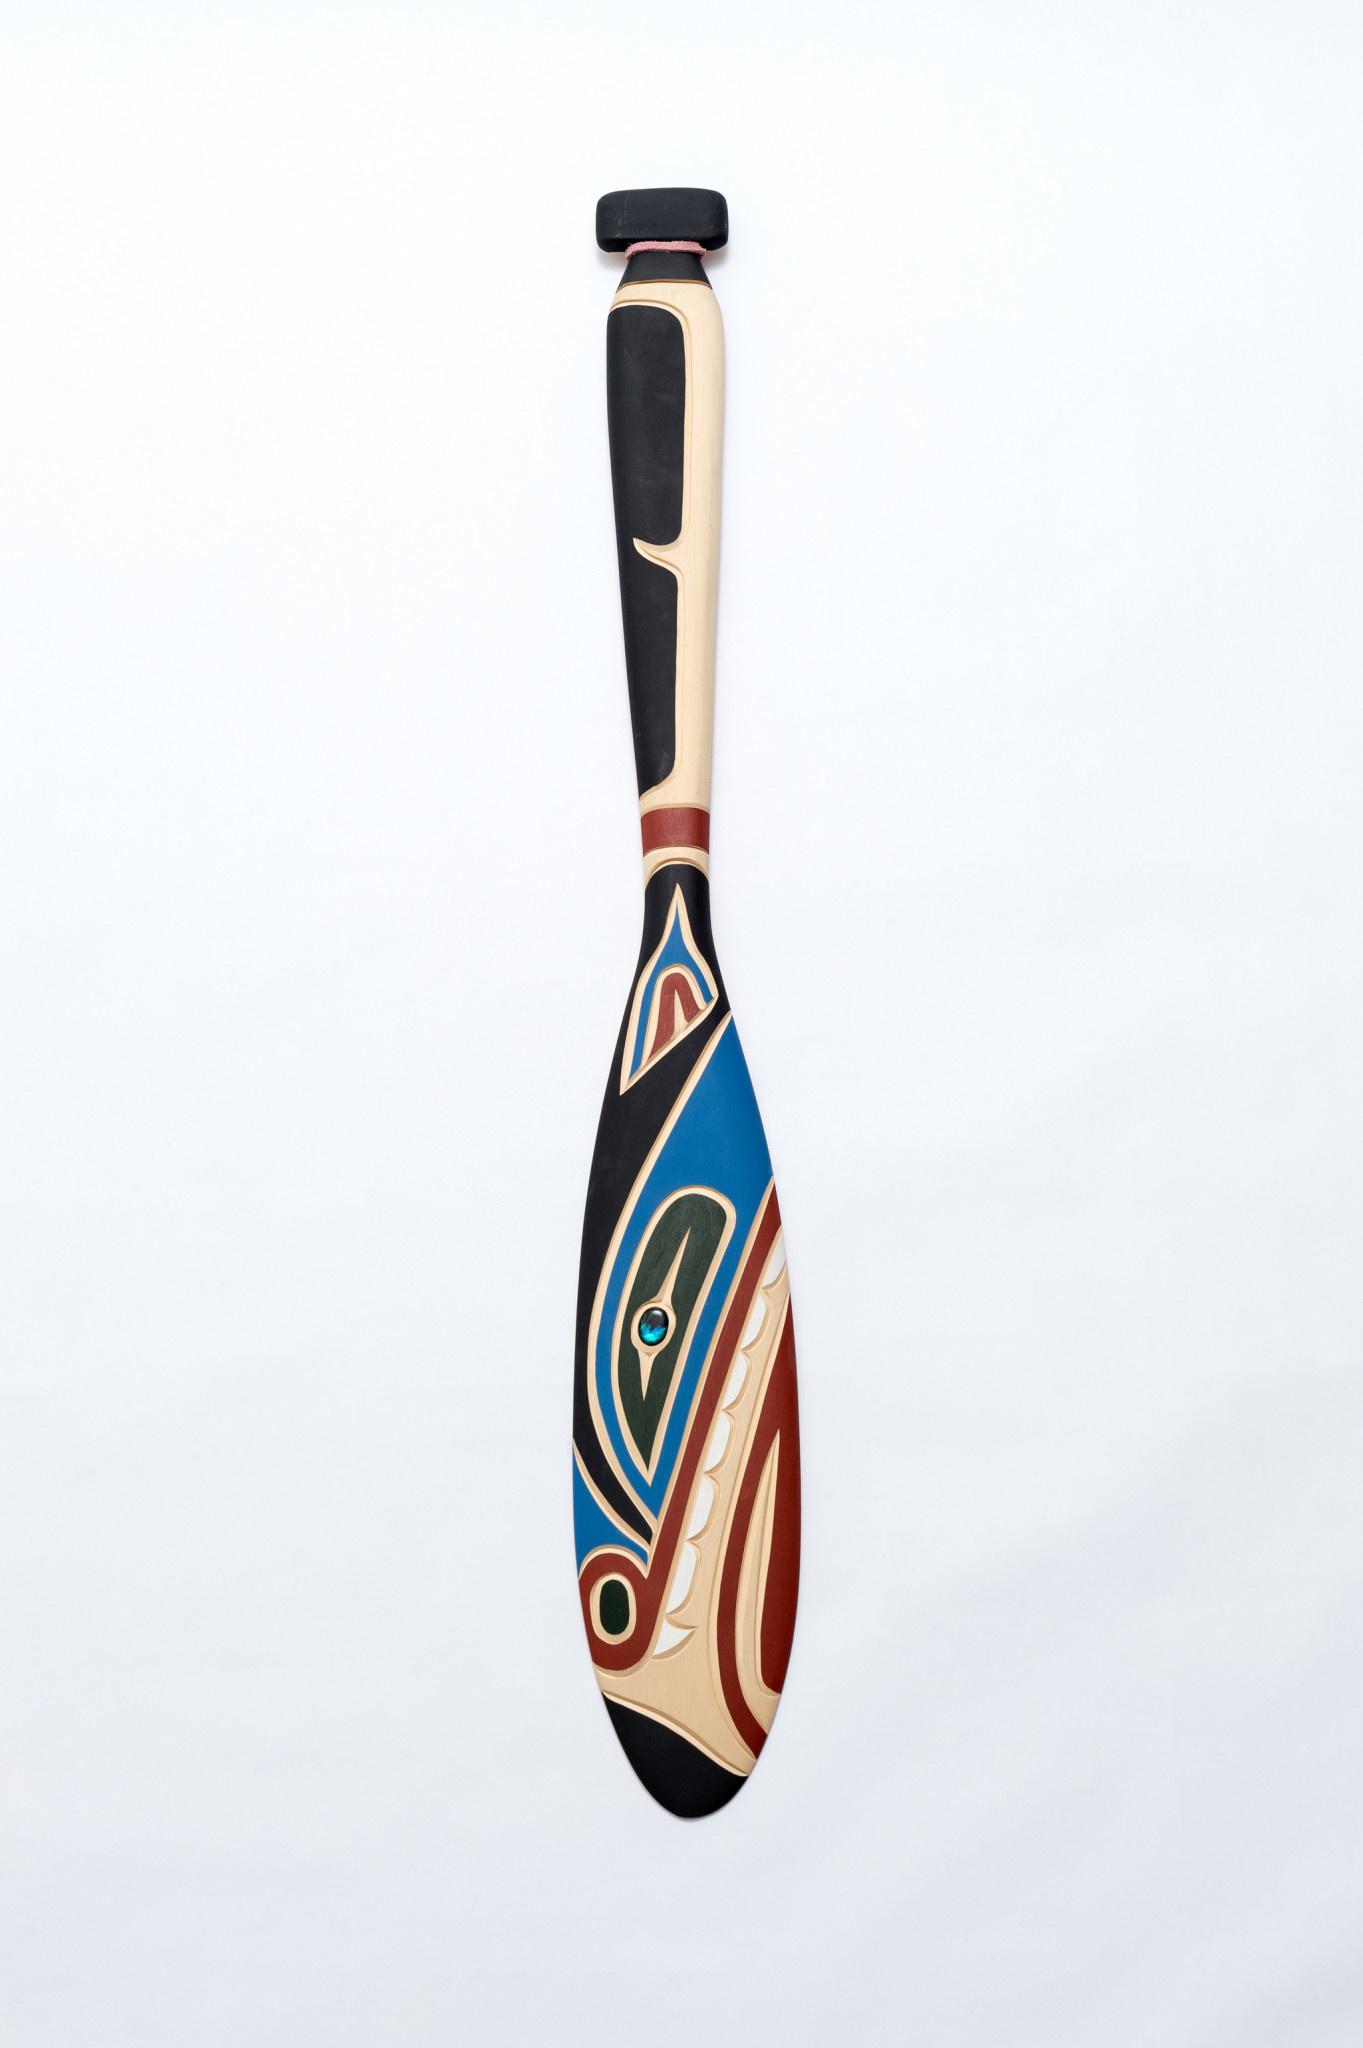 Steve Hoffmann Harvey John - Model Cedar Paddle